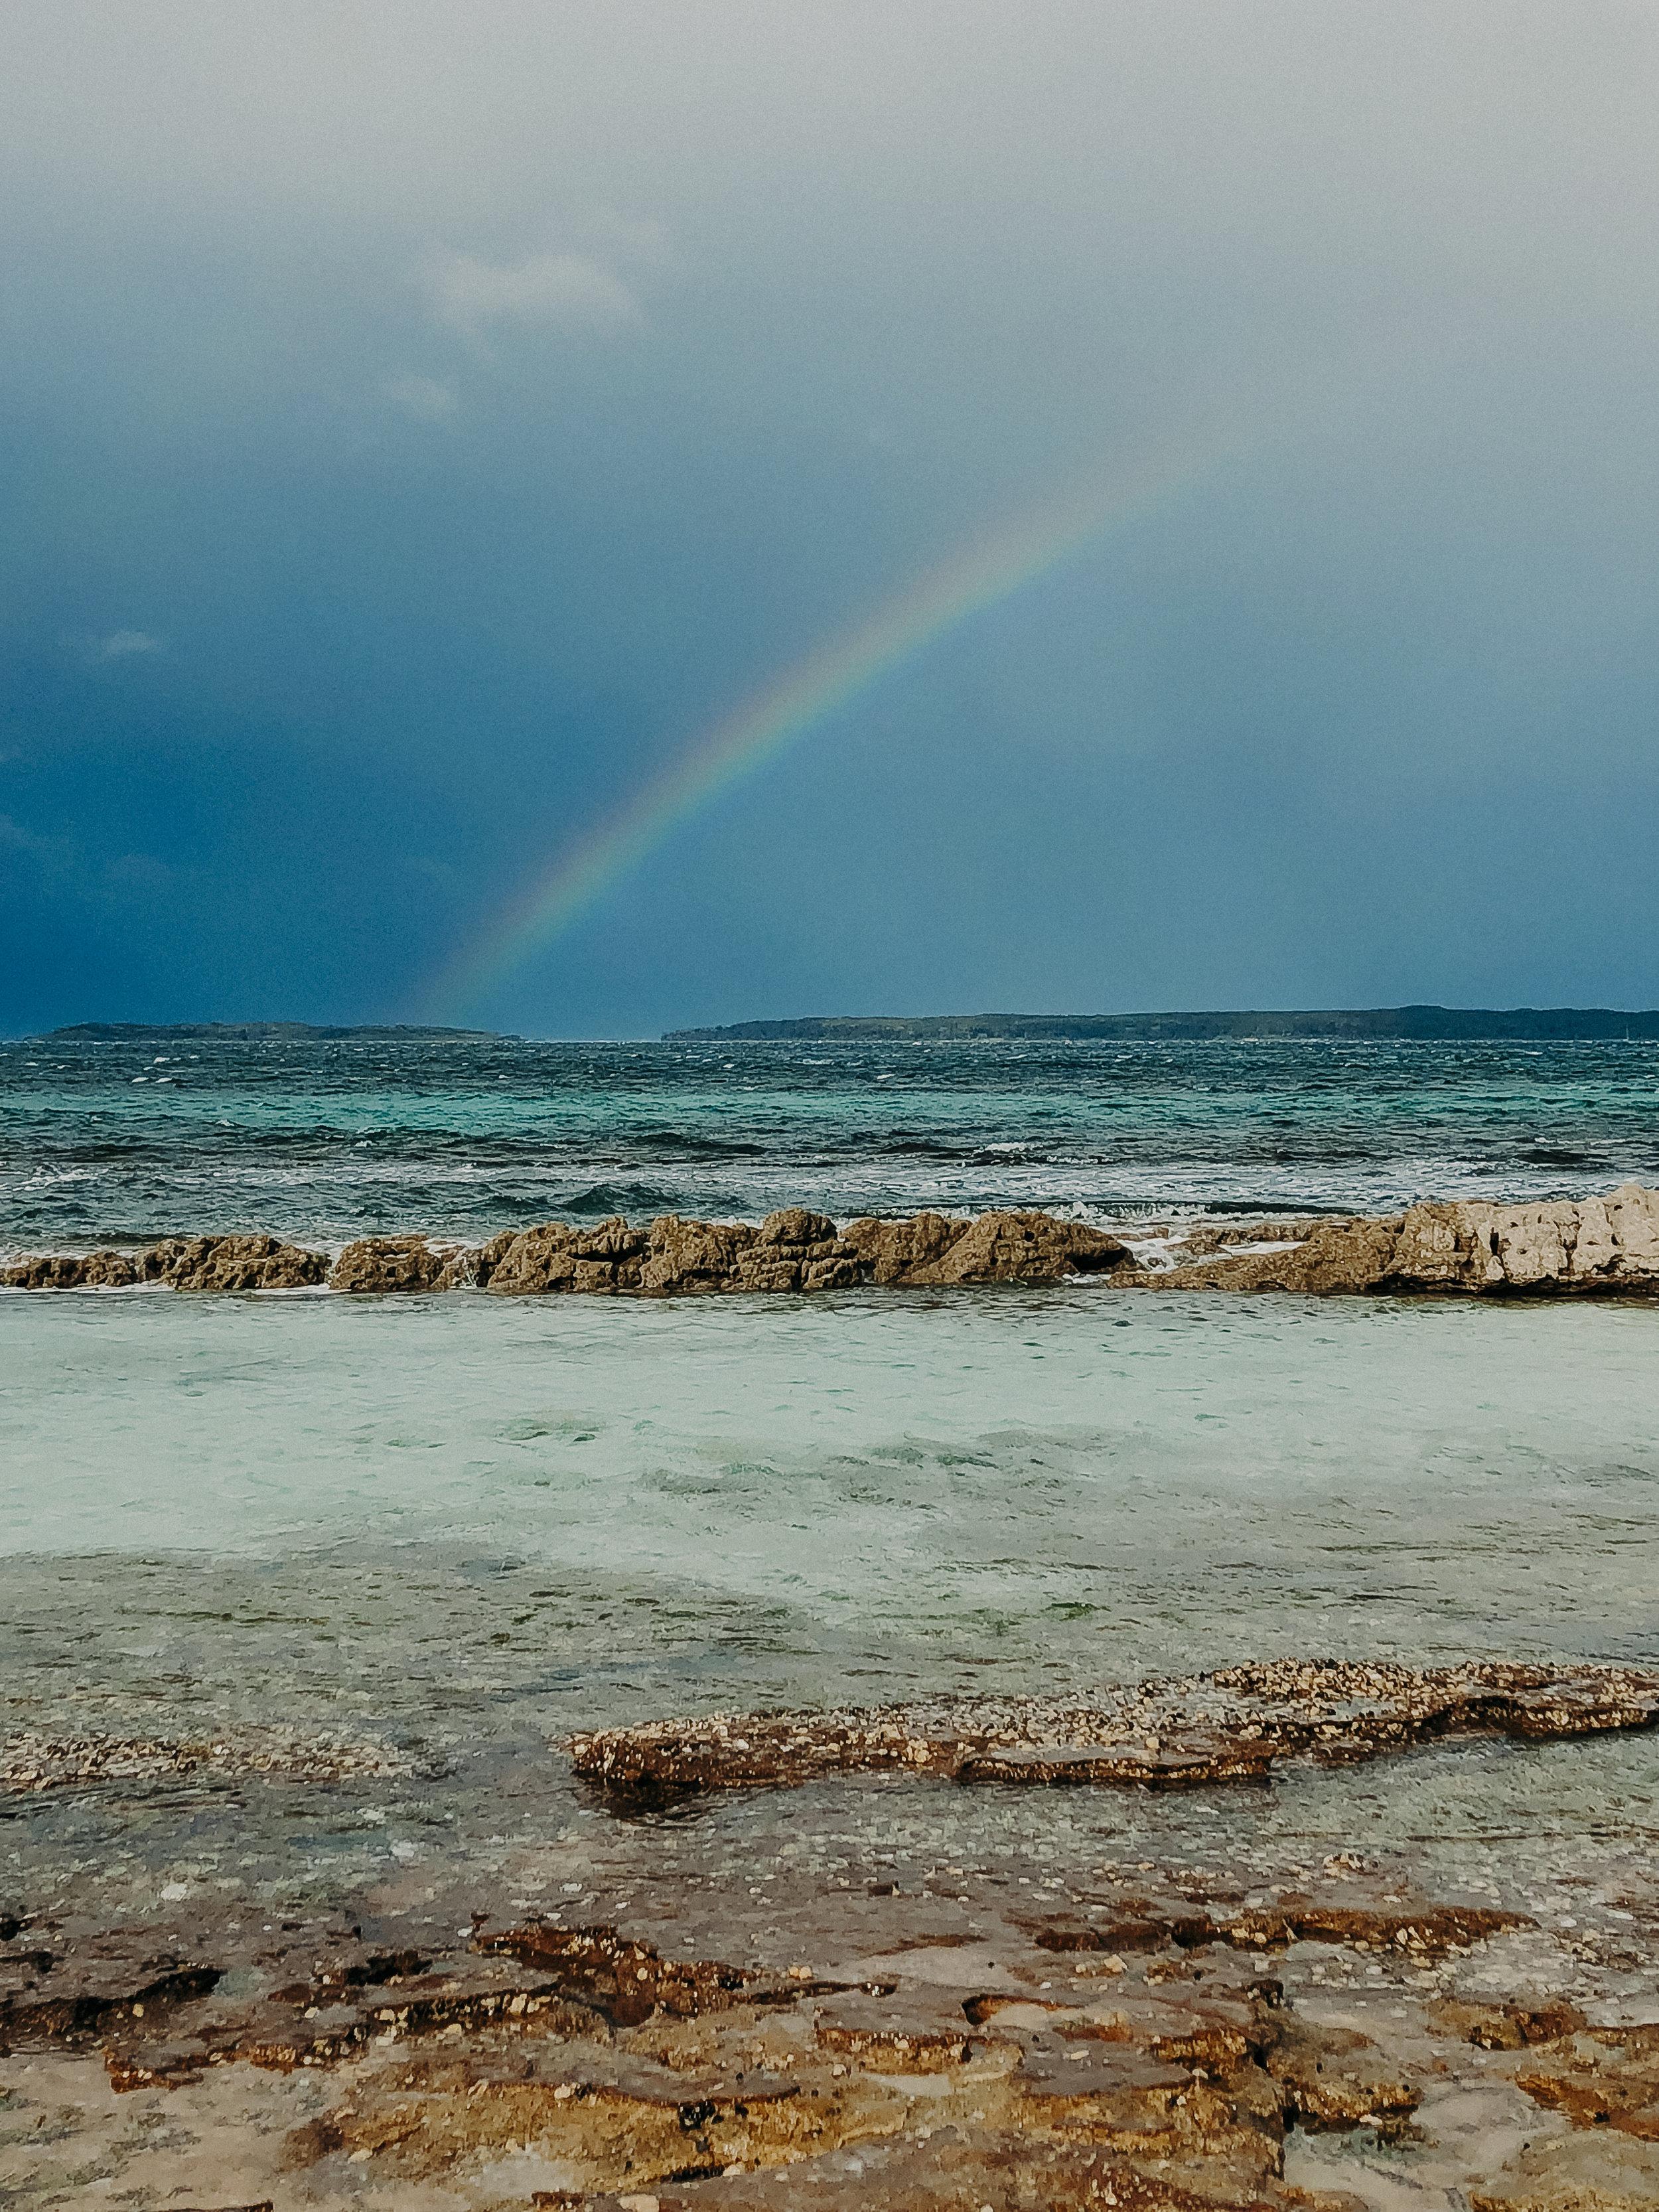 Hyams-Beach-Australia-Whitest-Sand-In-The-World-17.jpg